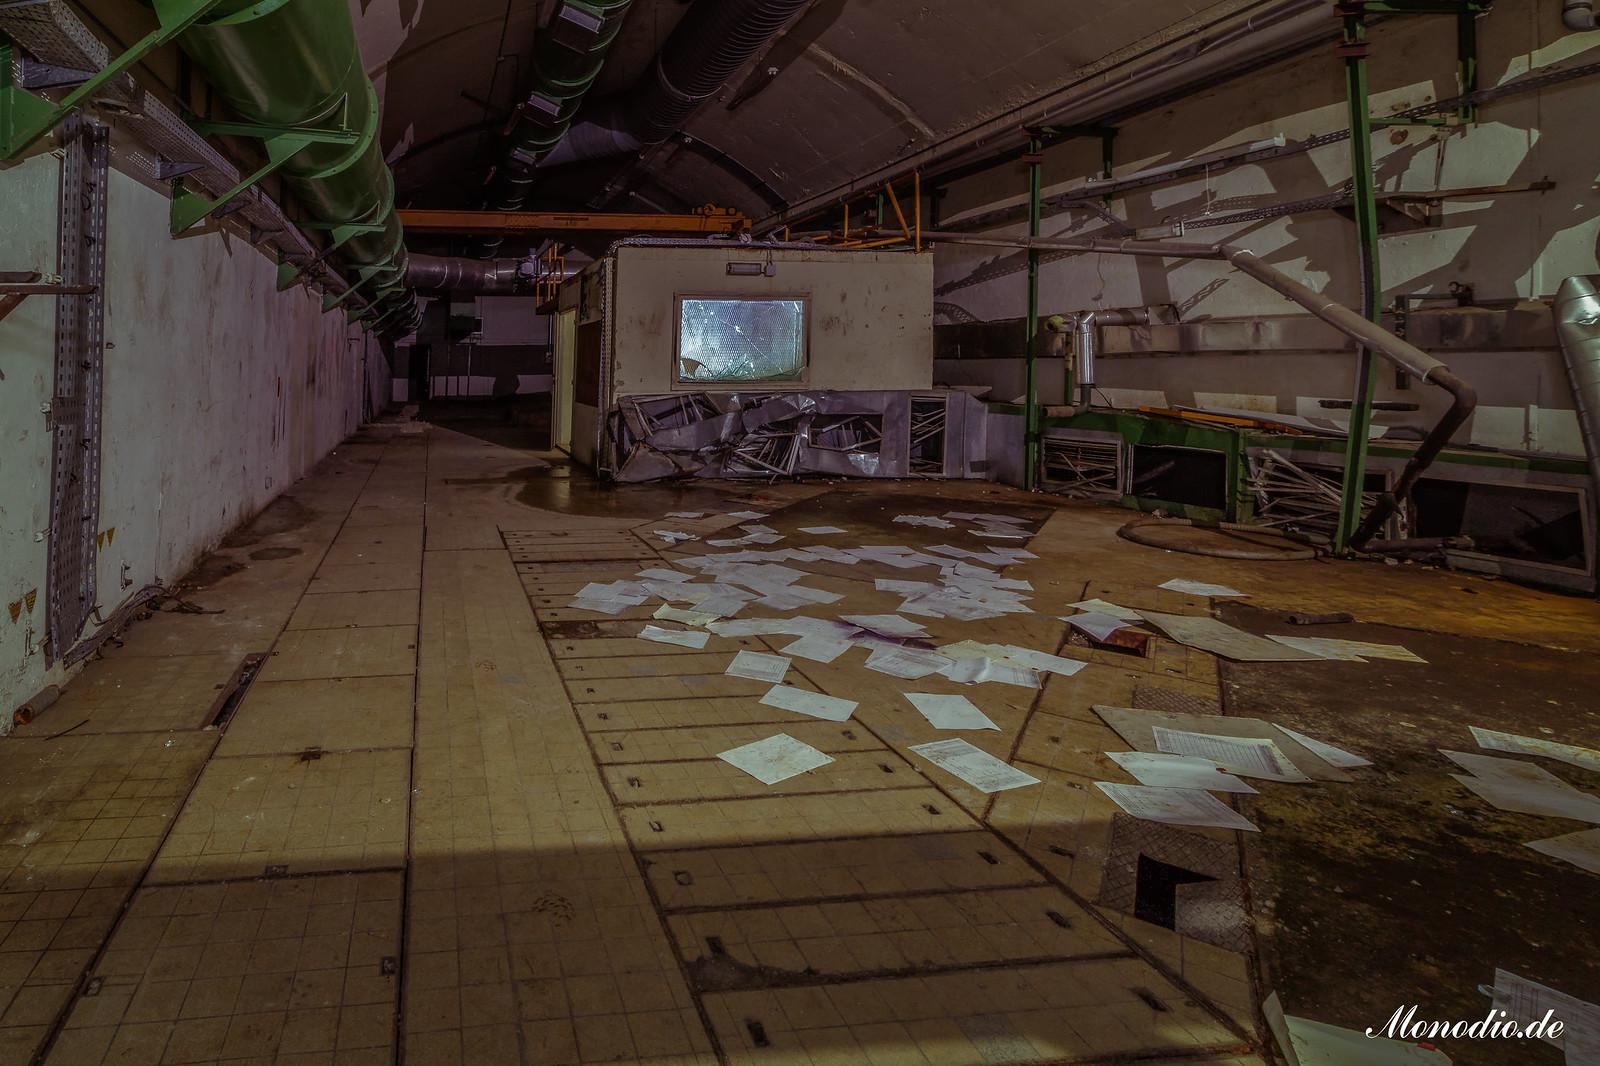 Atomschutzbunker OTAN